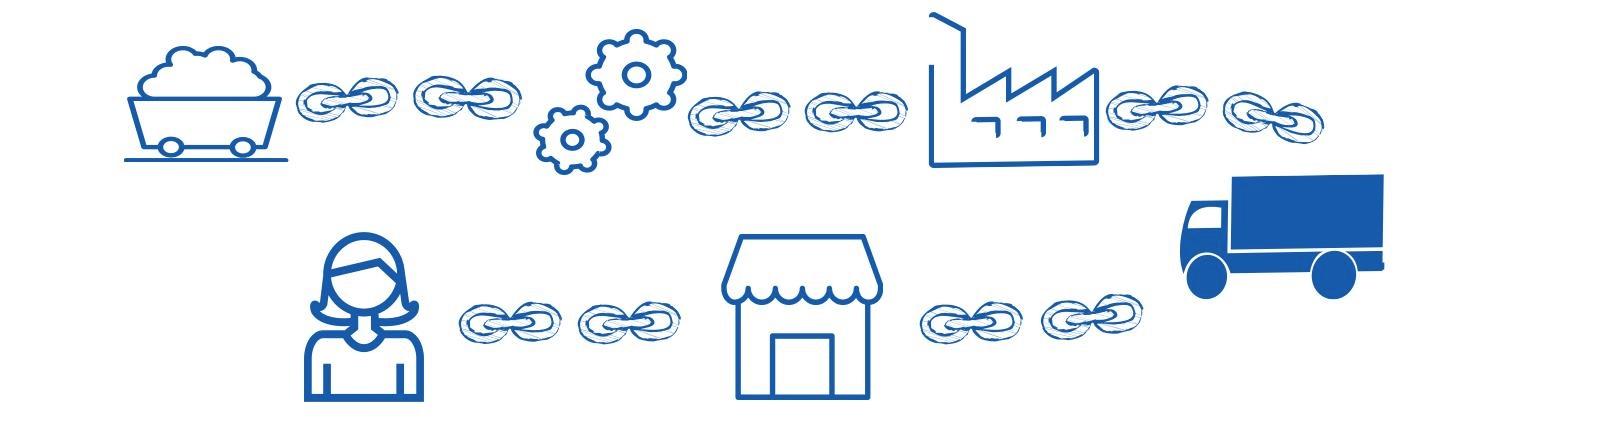 les enjeux de l optimiser la gestion de la supply chain. Black Bedroom Furniture Sets. Home Design Ideas